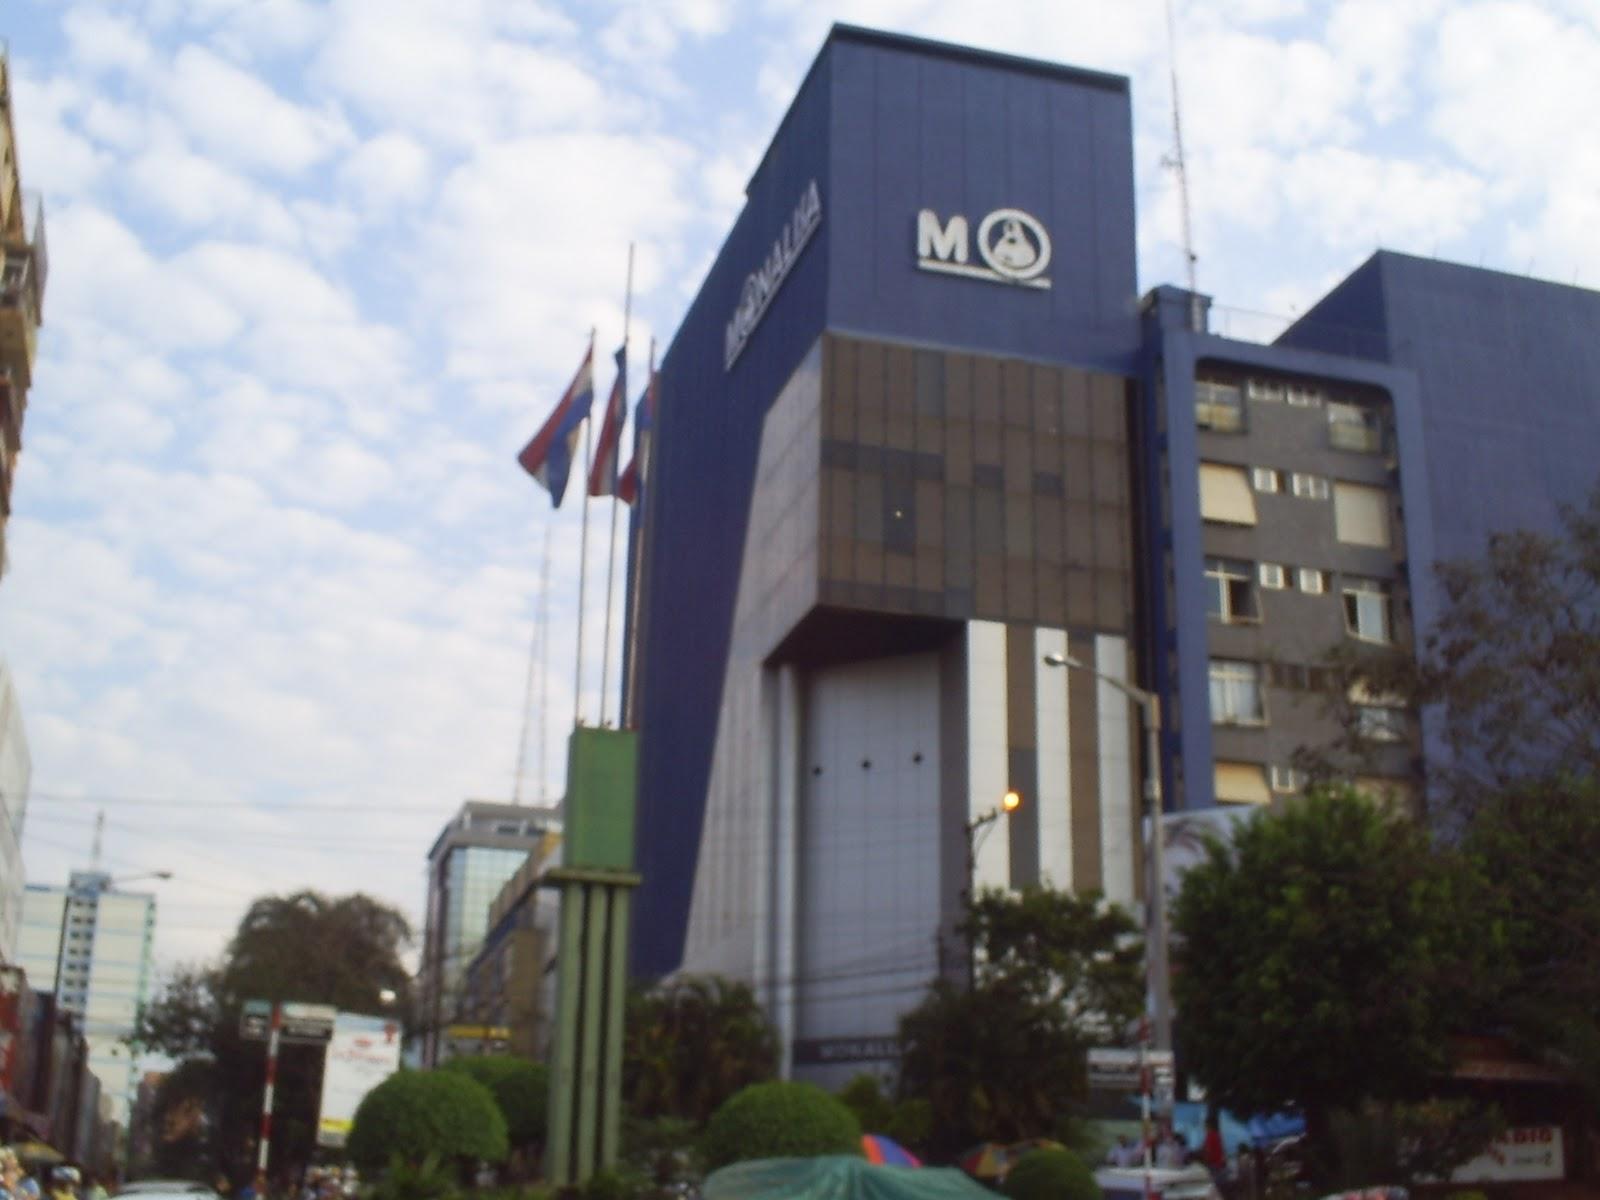 NAKED 100 POD PACK HAWAIIAN POG (3.5MG) - Shopping Centro